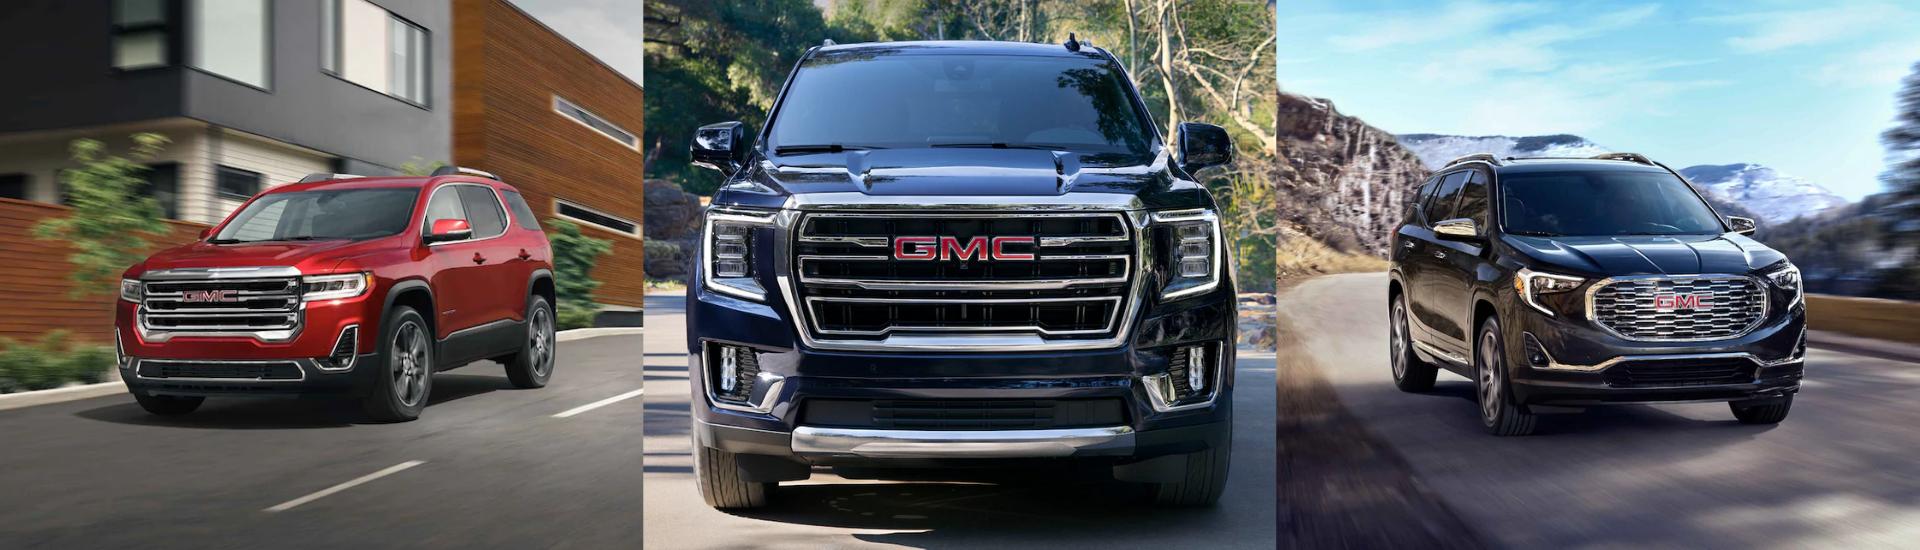 GMC SUVs